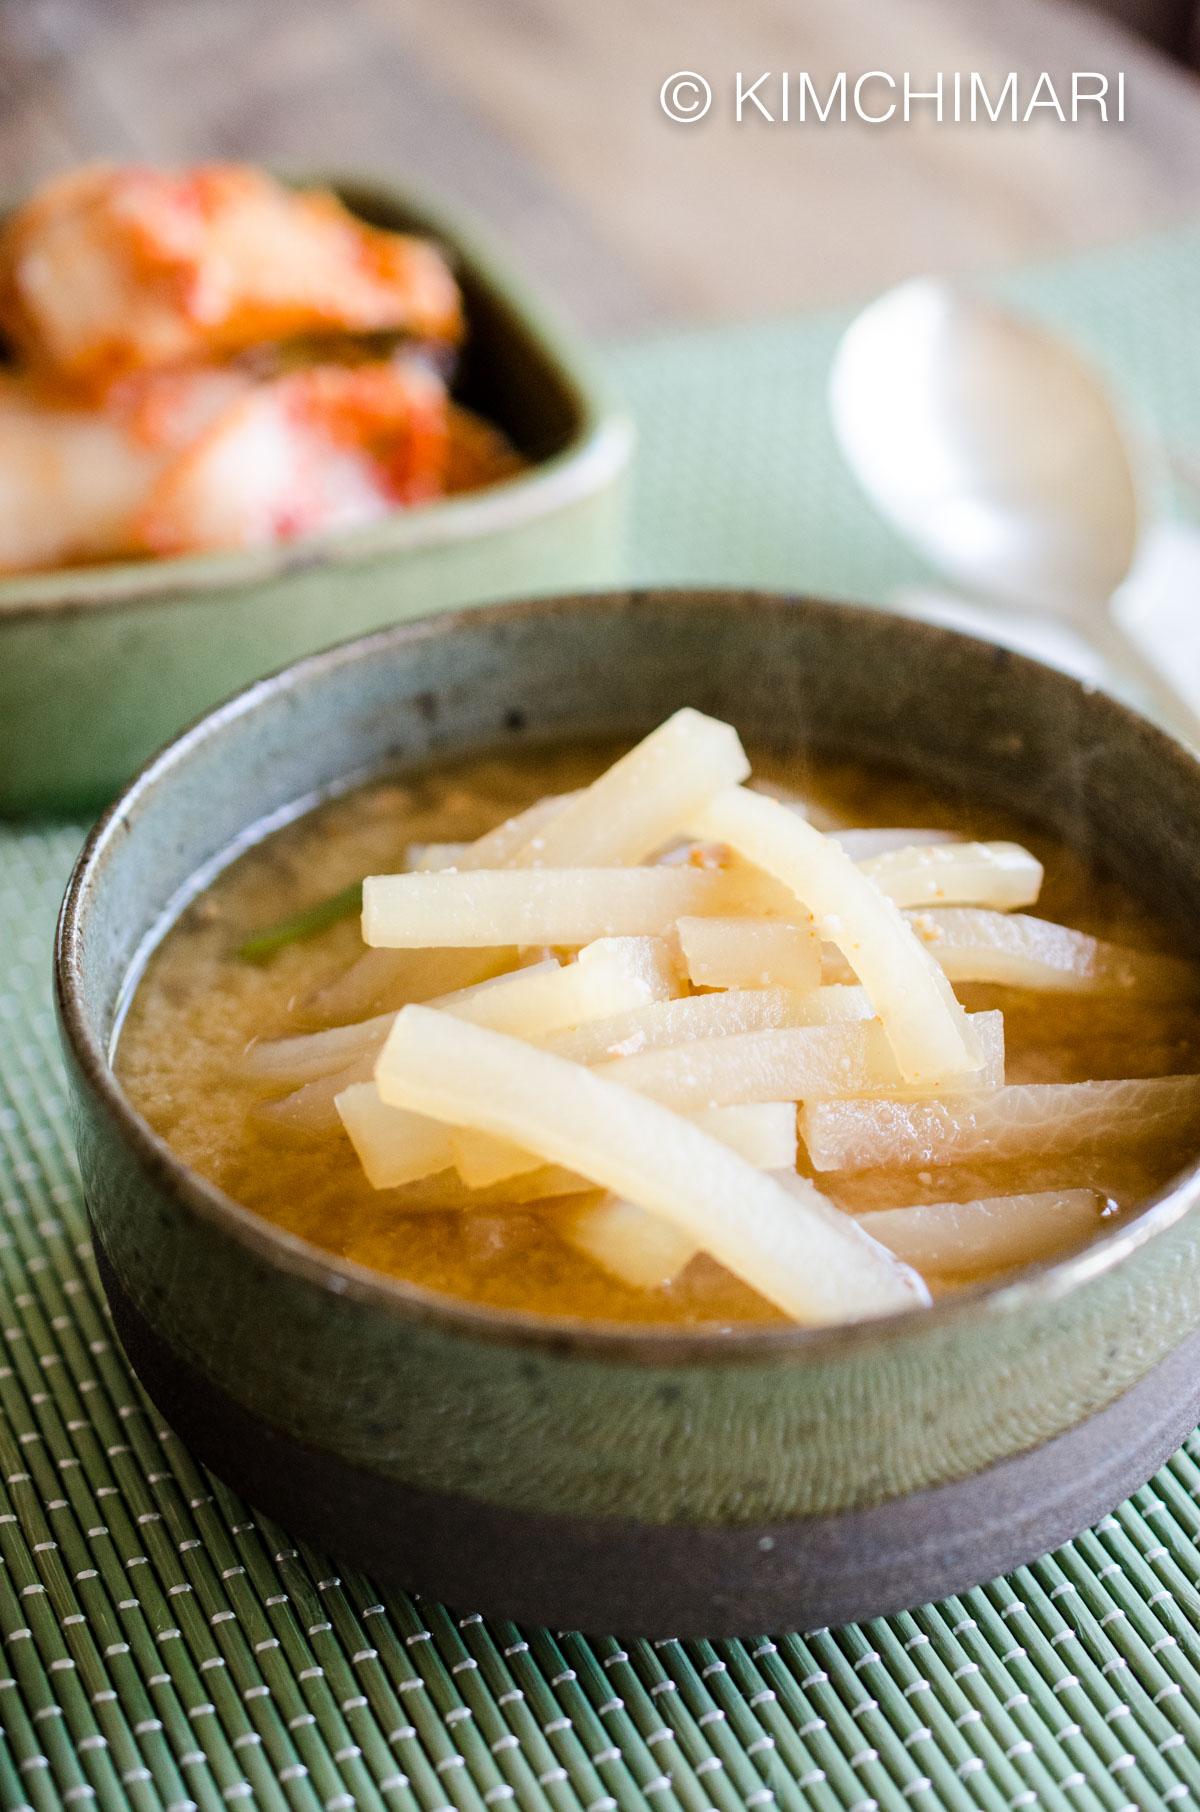 Radish Soup with Soybean Paste (Korean MuDoenjangGuk)